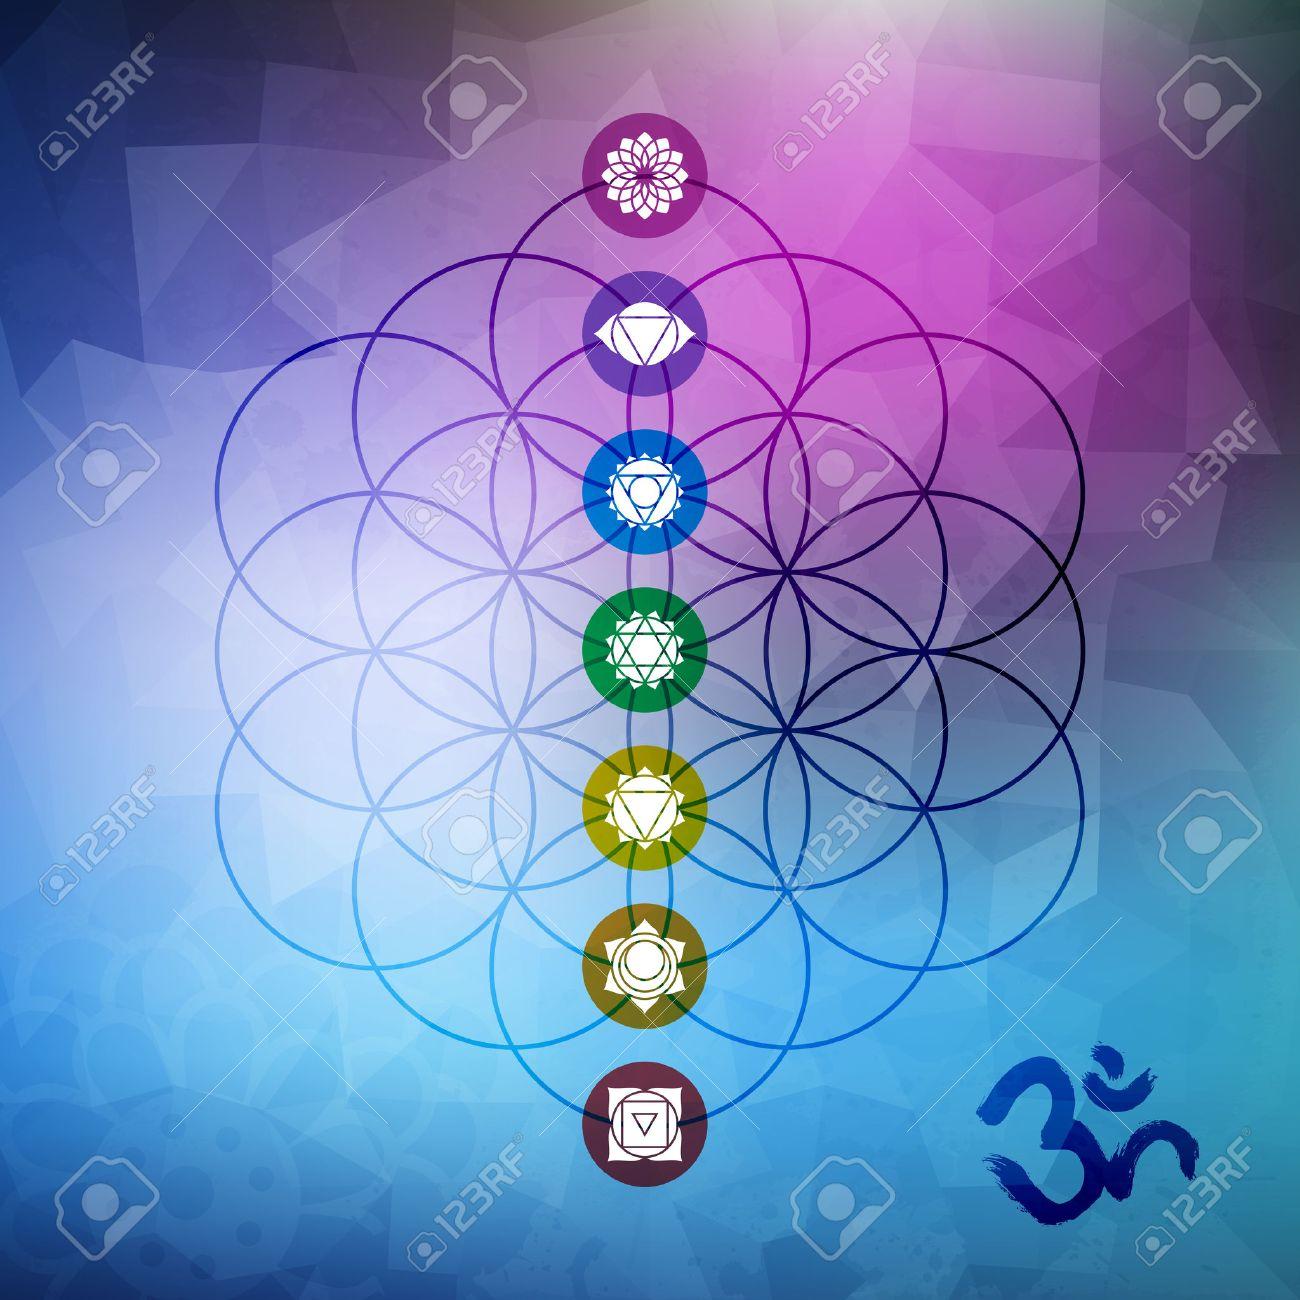 La géométrie sacrée conception abstraite, fleur de la vie aperçu avec les principaux symboles de chakra sur gemetric faible bruit de fond poly. Banque d'images - 52162436